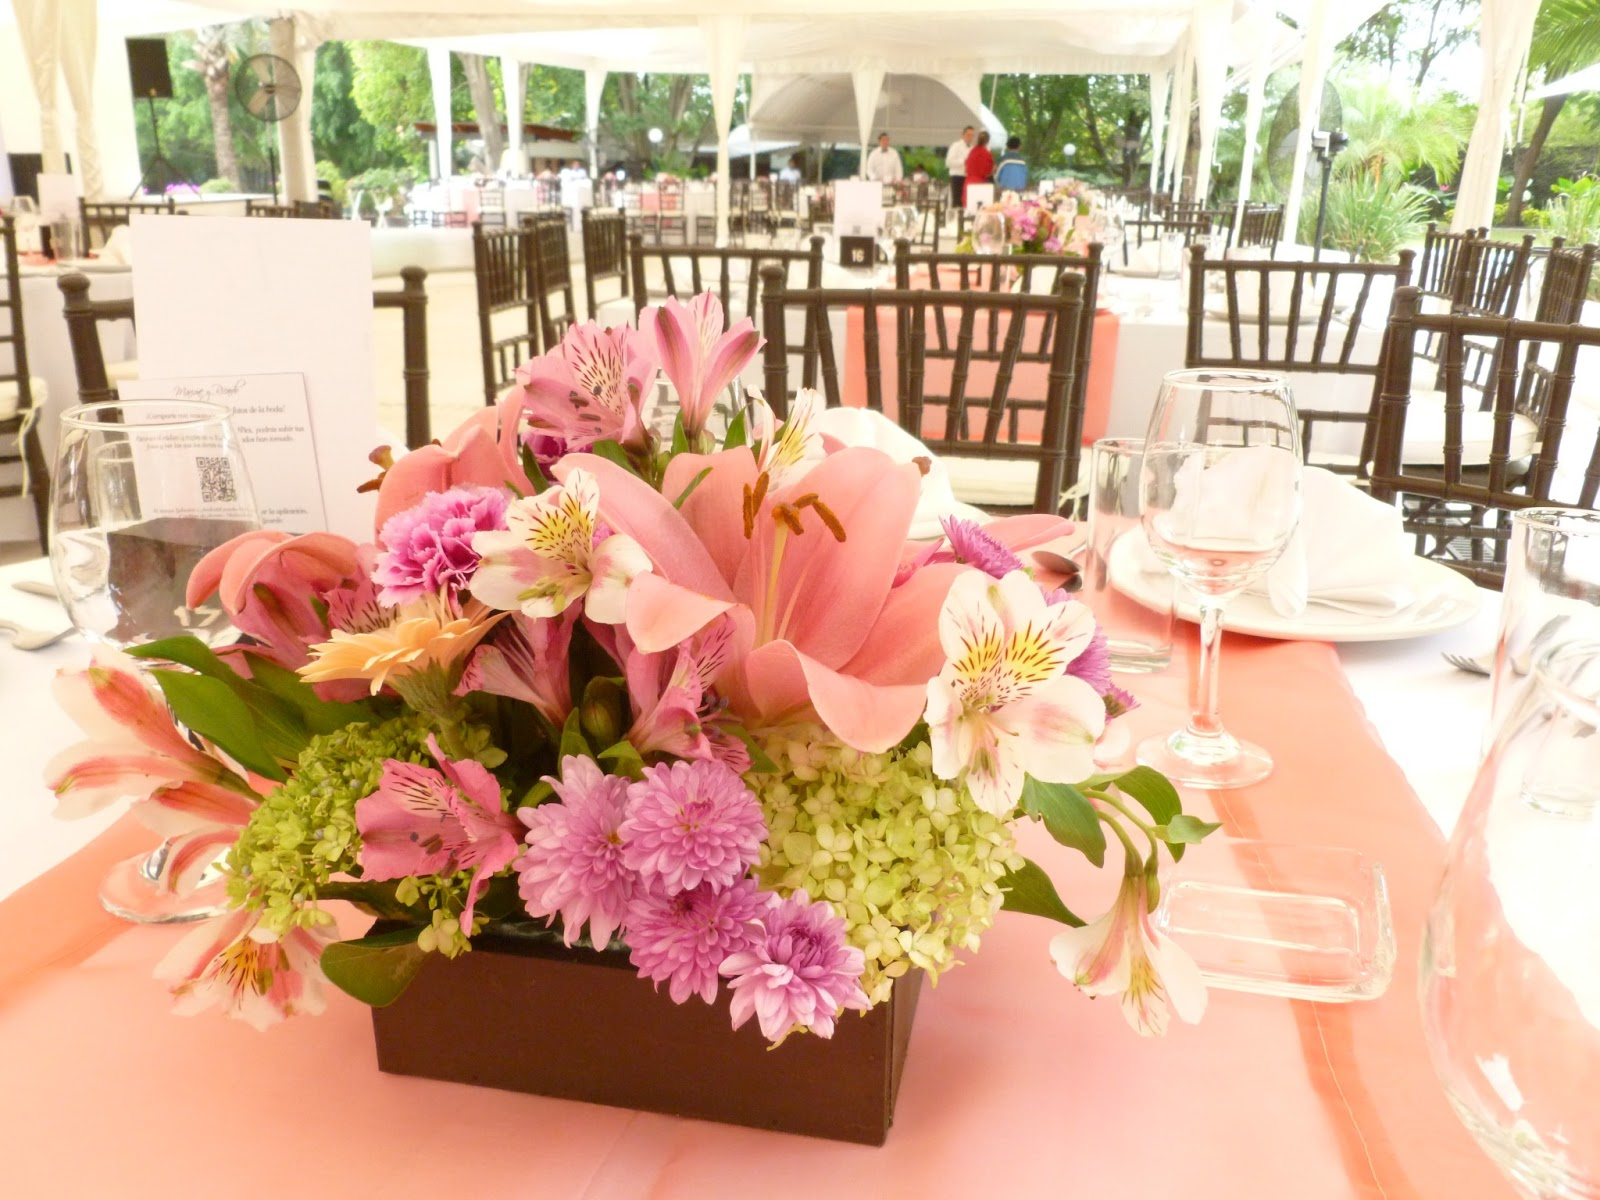 Arreglos de mesa para boda de jardin imagui for Arreglos de mesa para boda en jardin